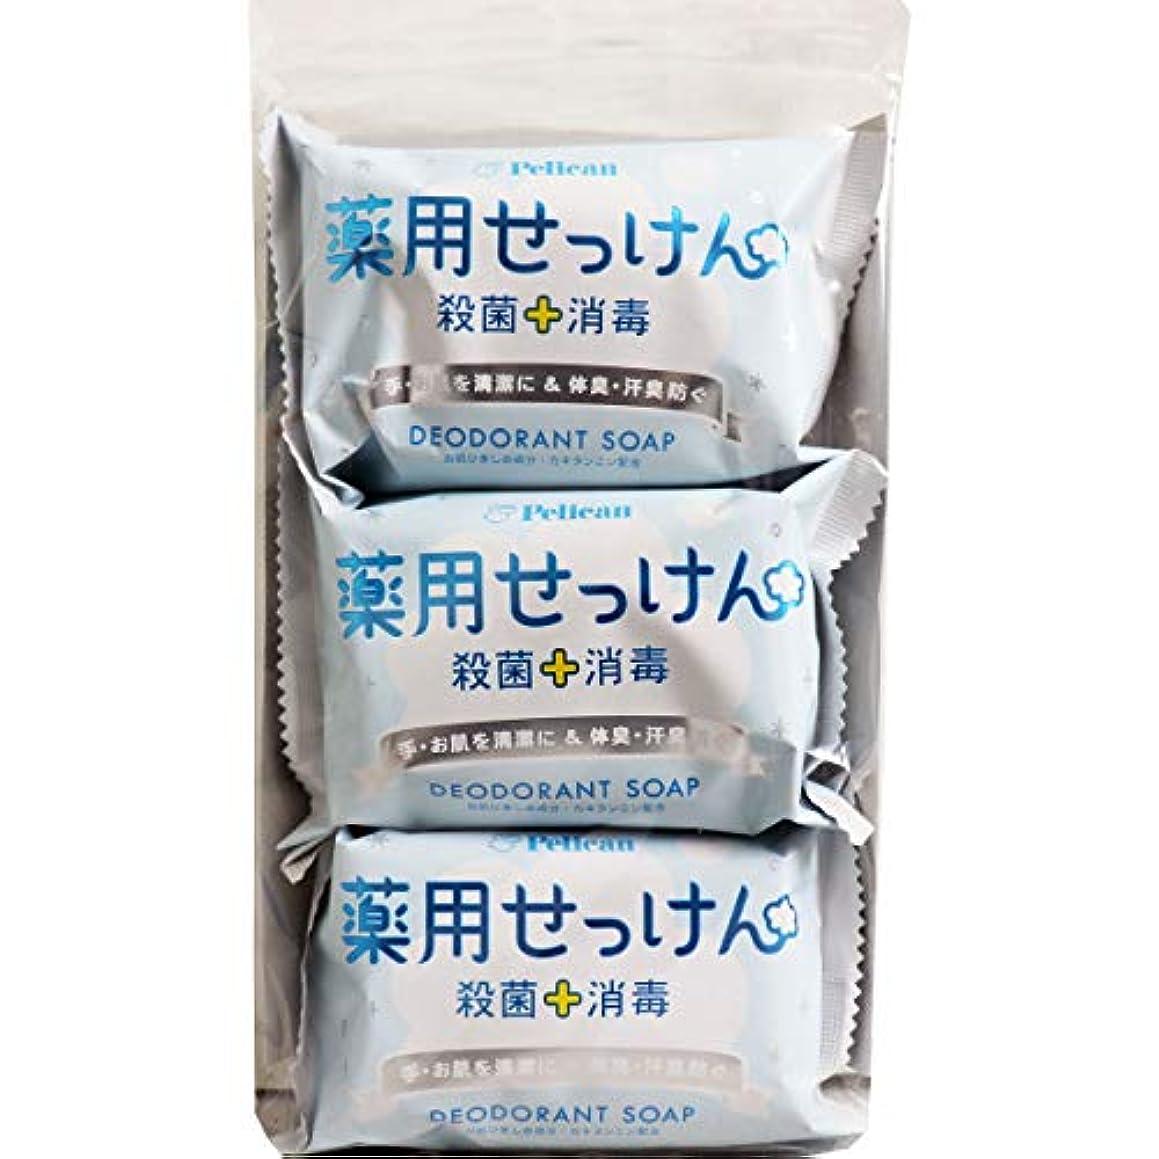 アンドリューハリディダンス調査ペリカン石鹸 薬用石けん 85g×3個×4パック